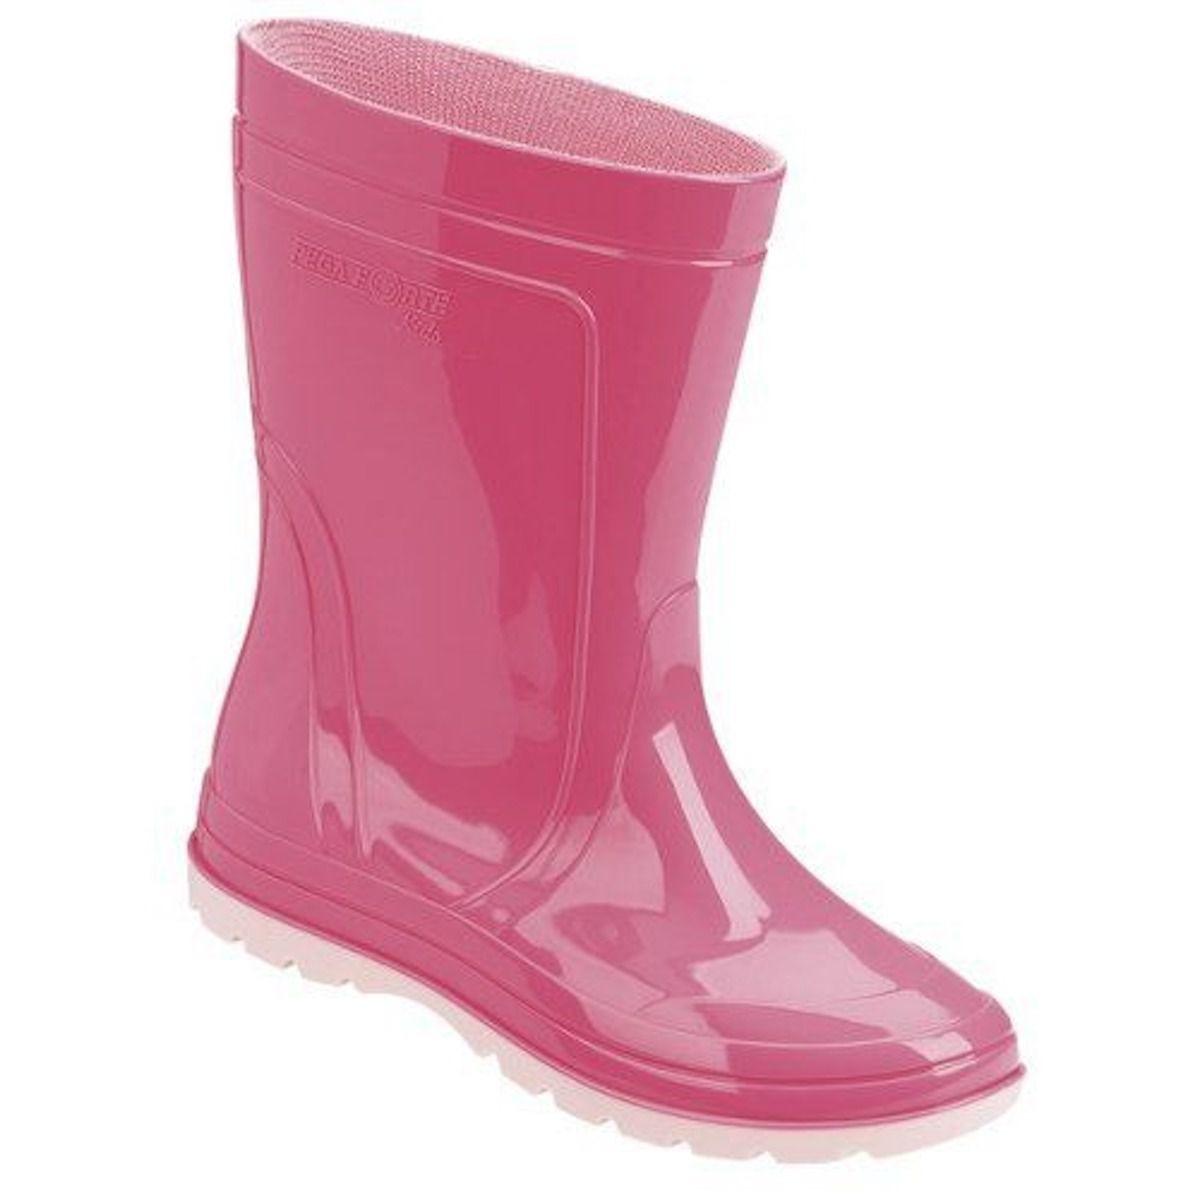 de12030733e bota galocha infantil rosa impermeável pvc borracha criança. Carregando zoom .